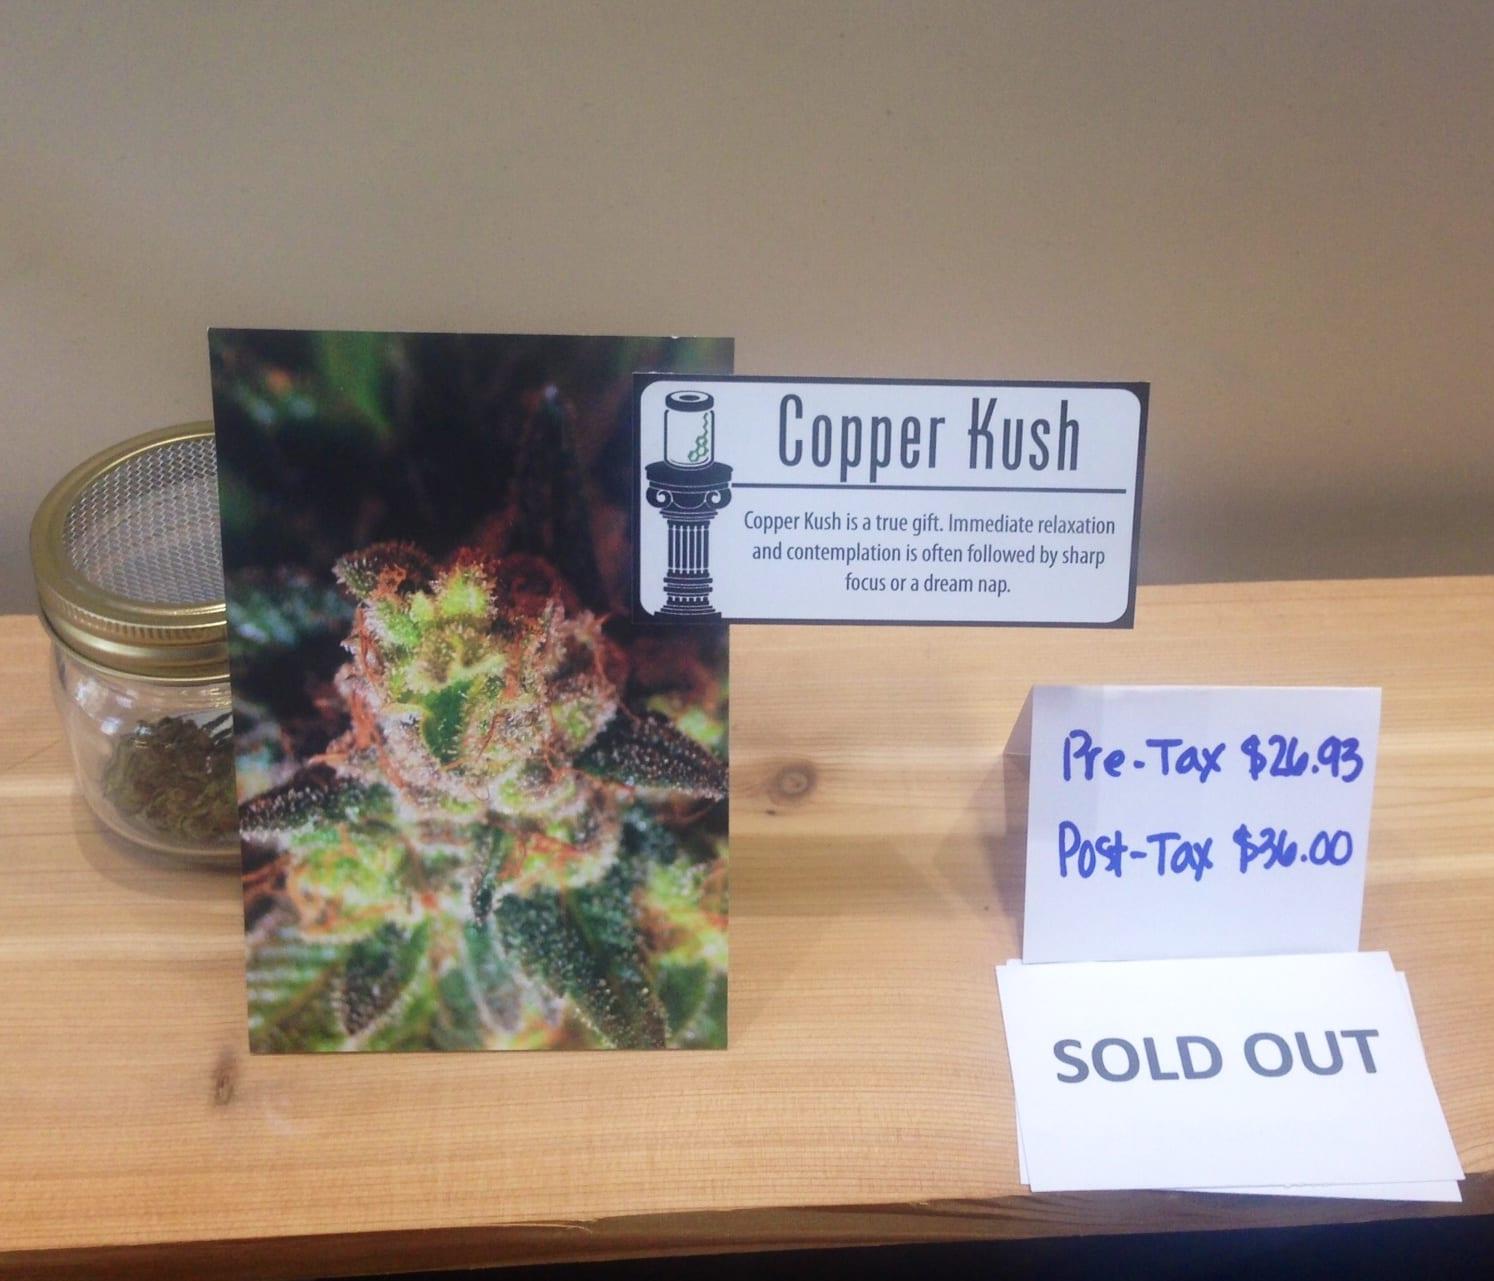 Marijuan Display label Copper Kush